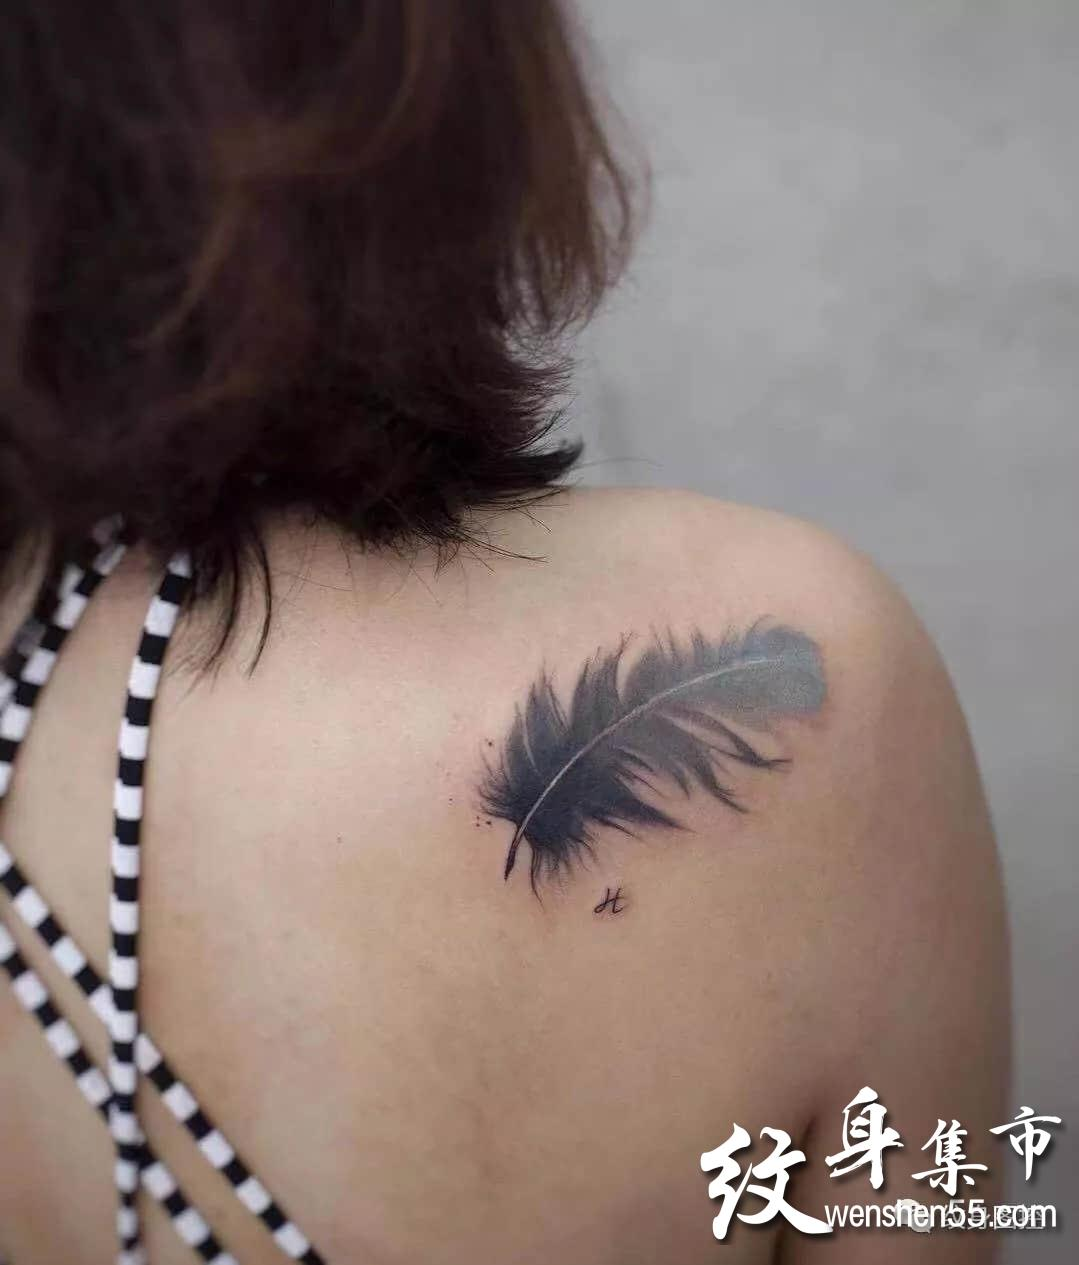 水墨纹身,水墨纹身手稿,适合女神的素材